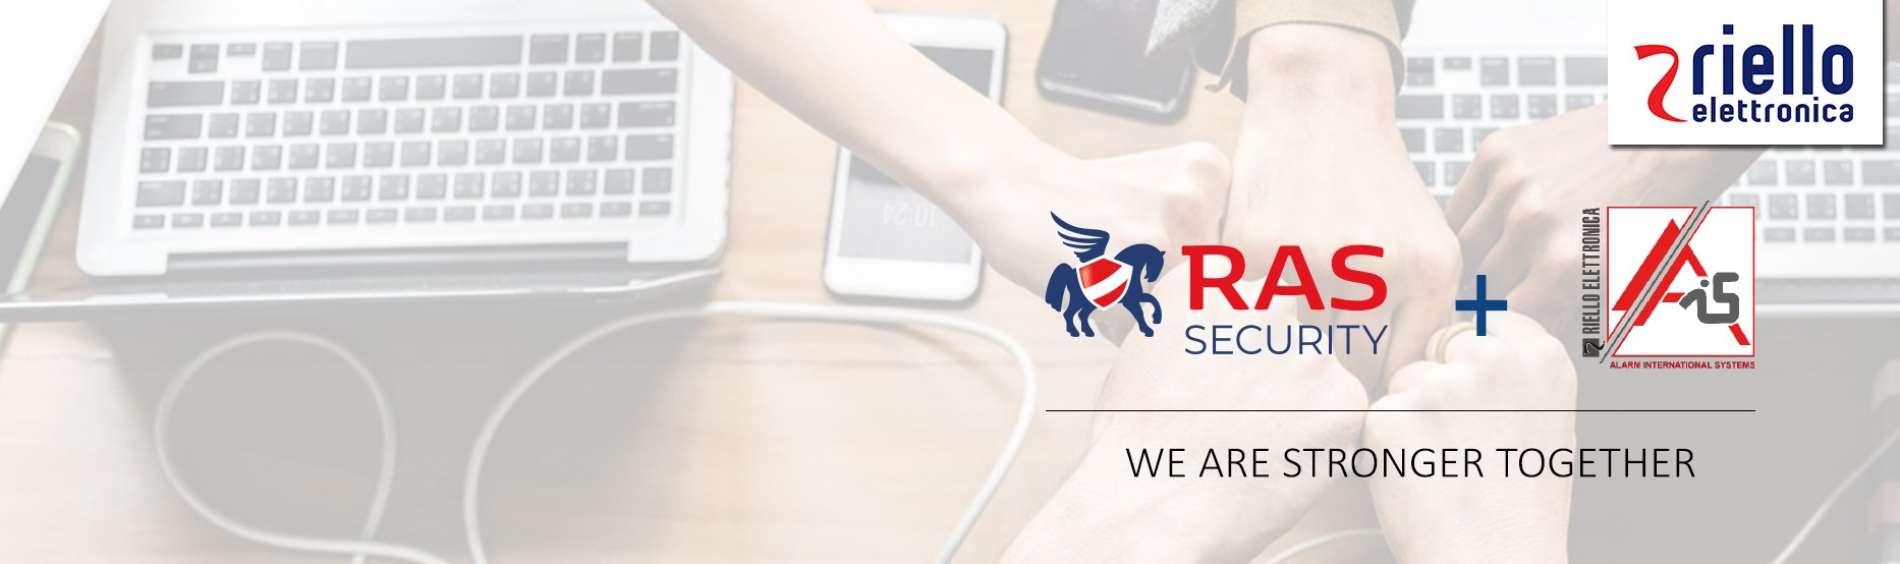 Investissement Stratégique de Riello Elettronica spa <br>en Belgique